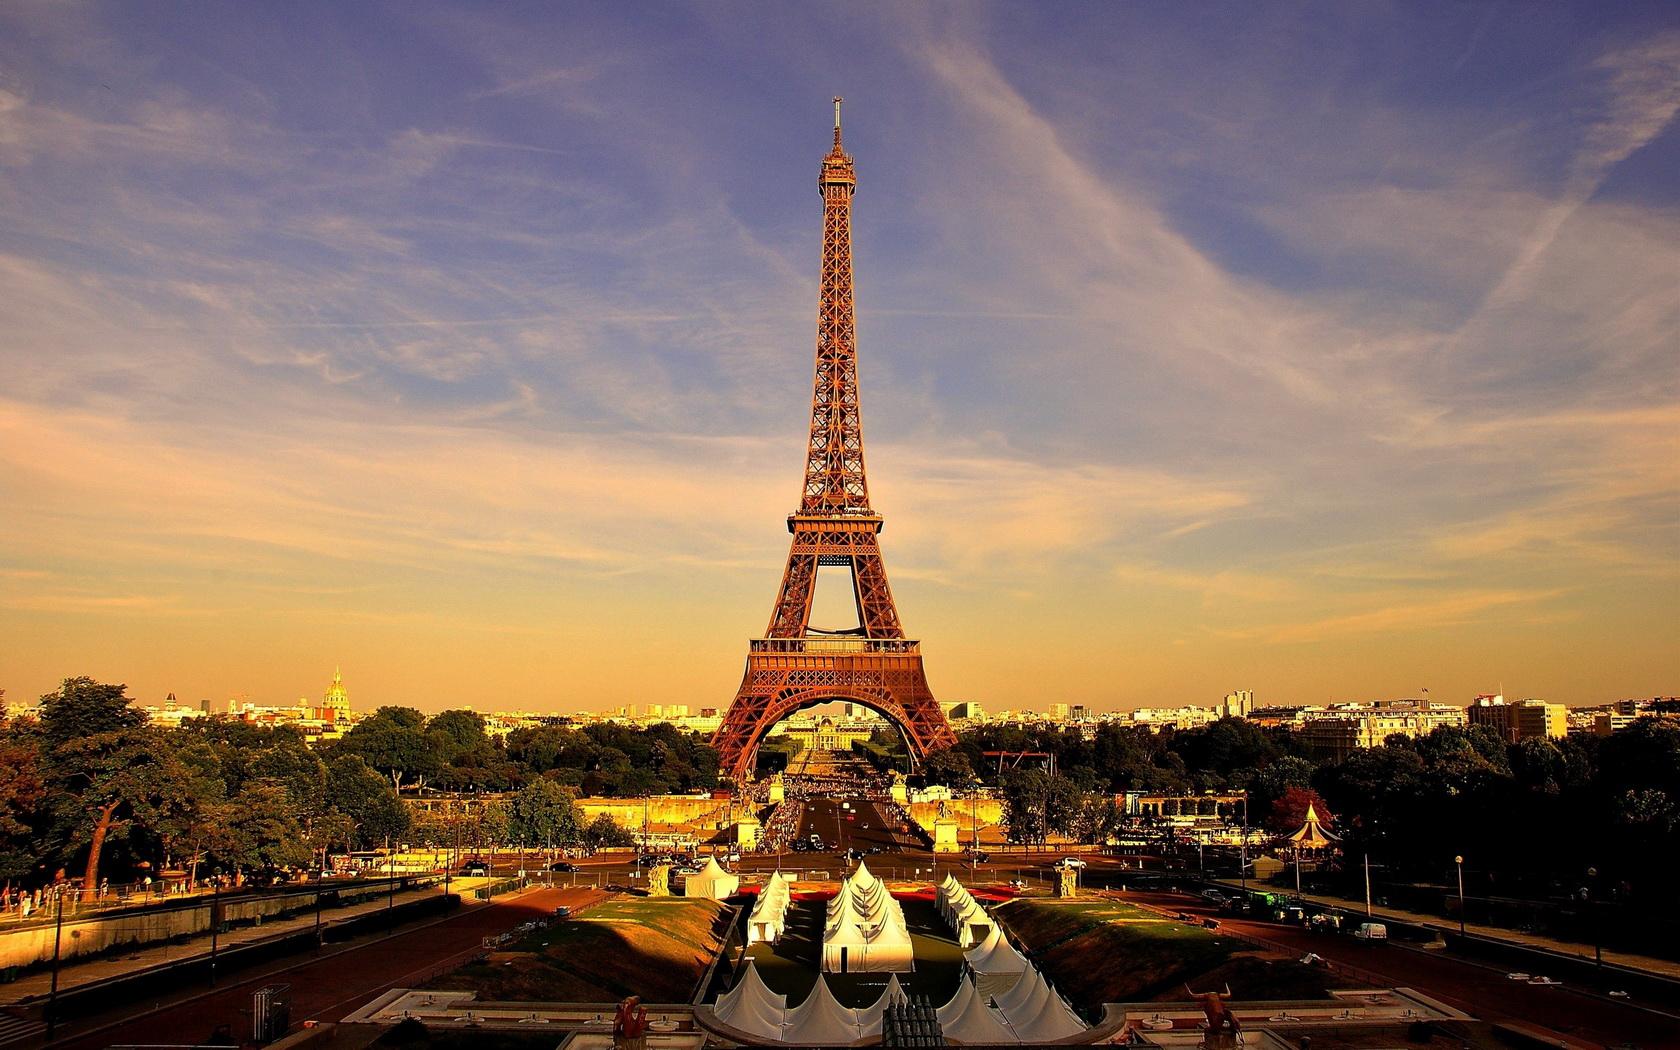 Paris la tour eiffel wallpaper 1680x1050 159522 wallpaperup - Landscaping parijs ...